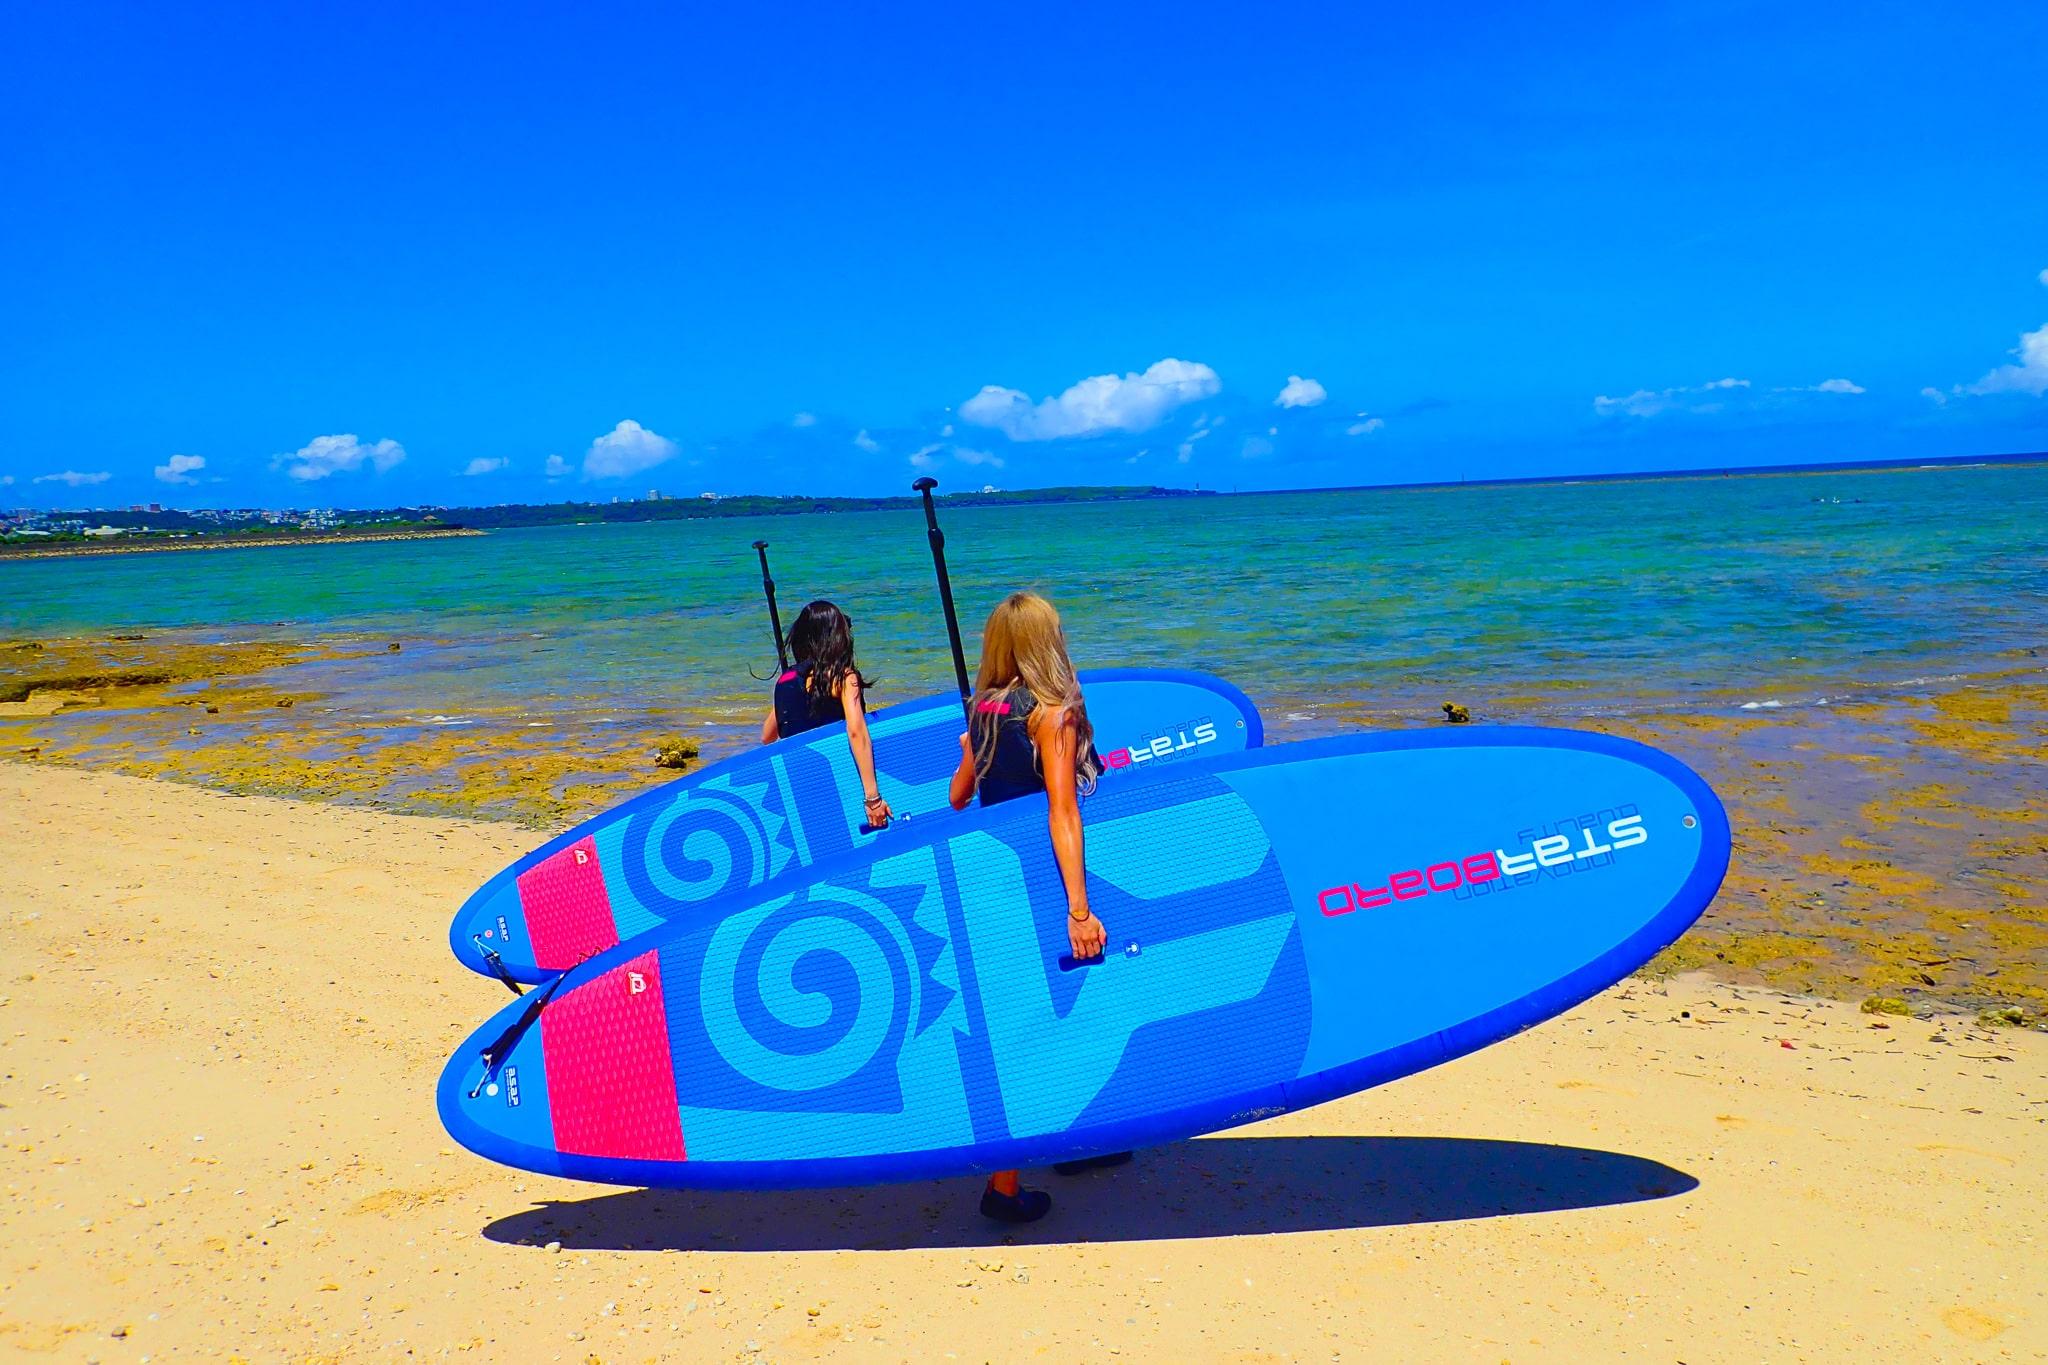 【恩納村】沖縄のビーチでSUP体験クルージング!(No.13)